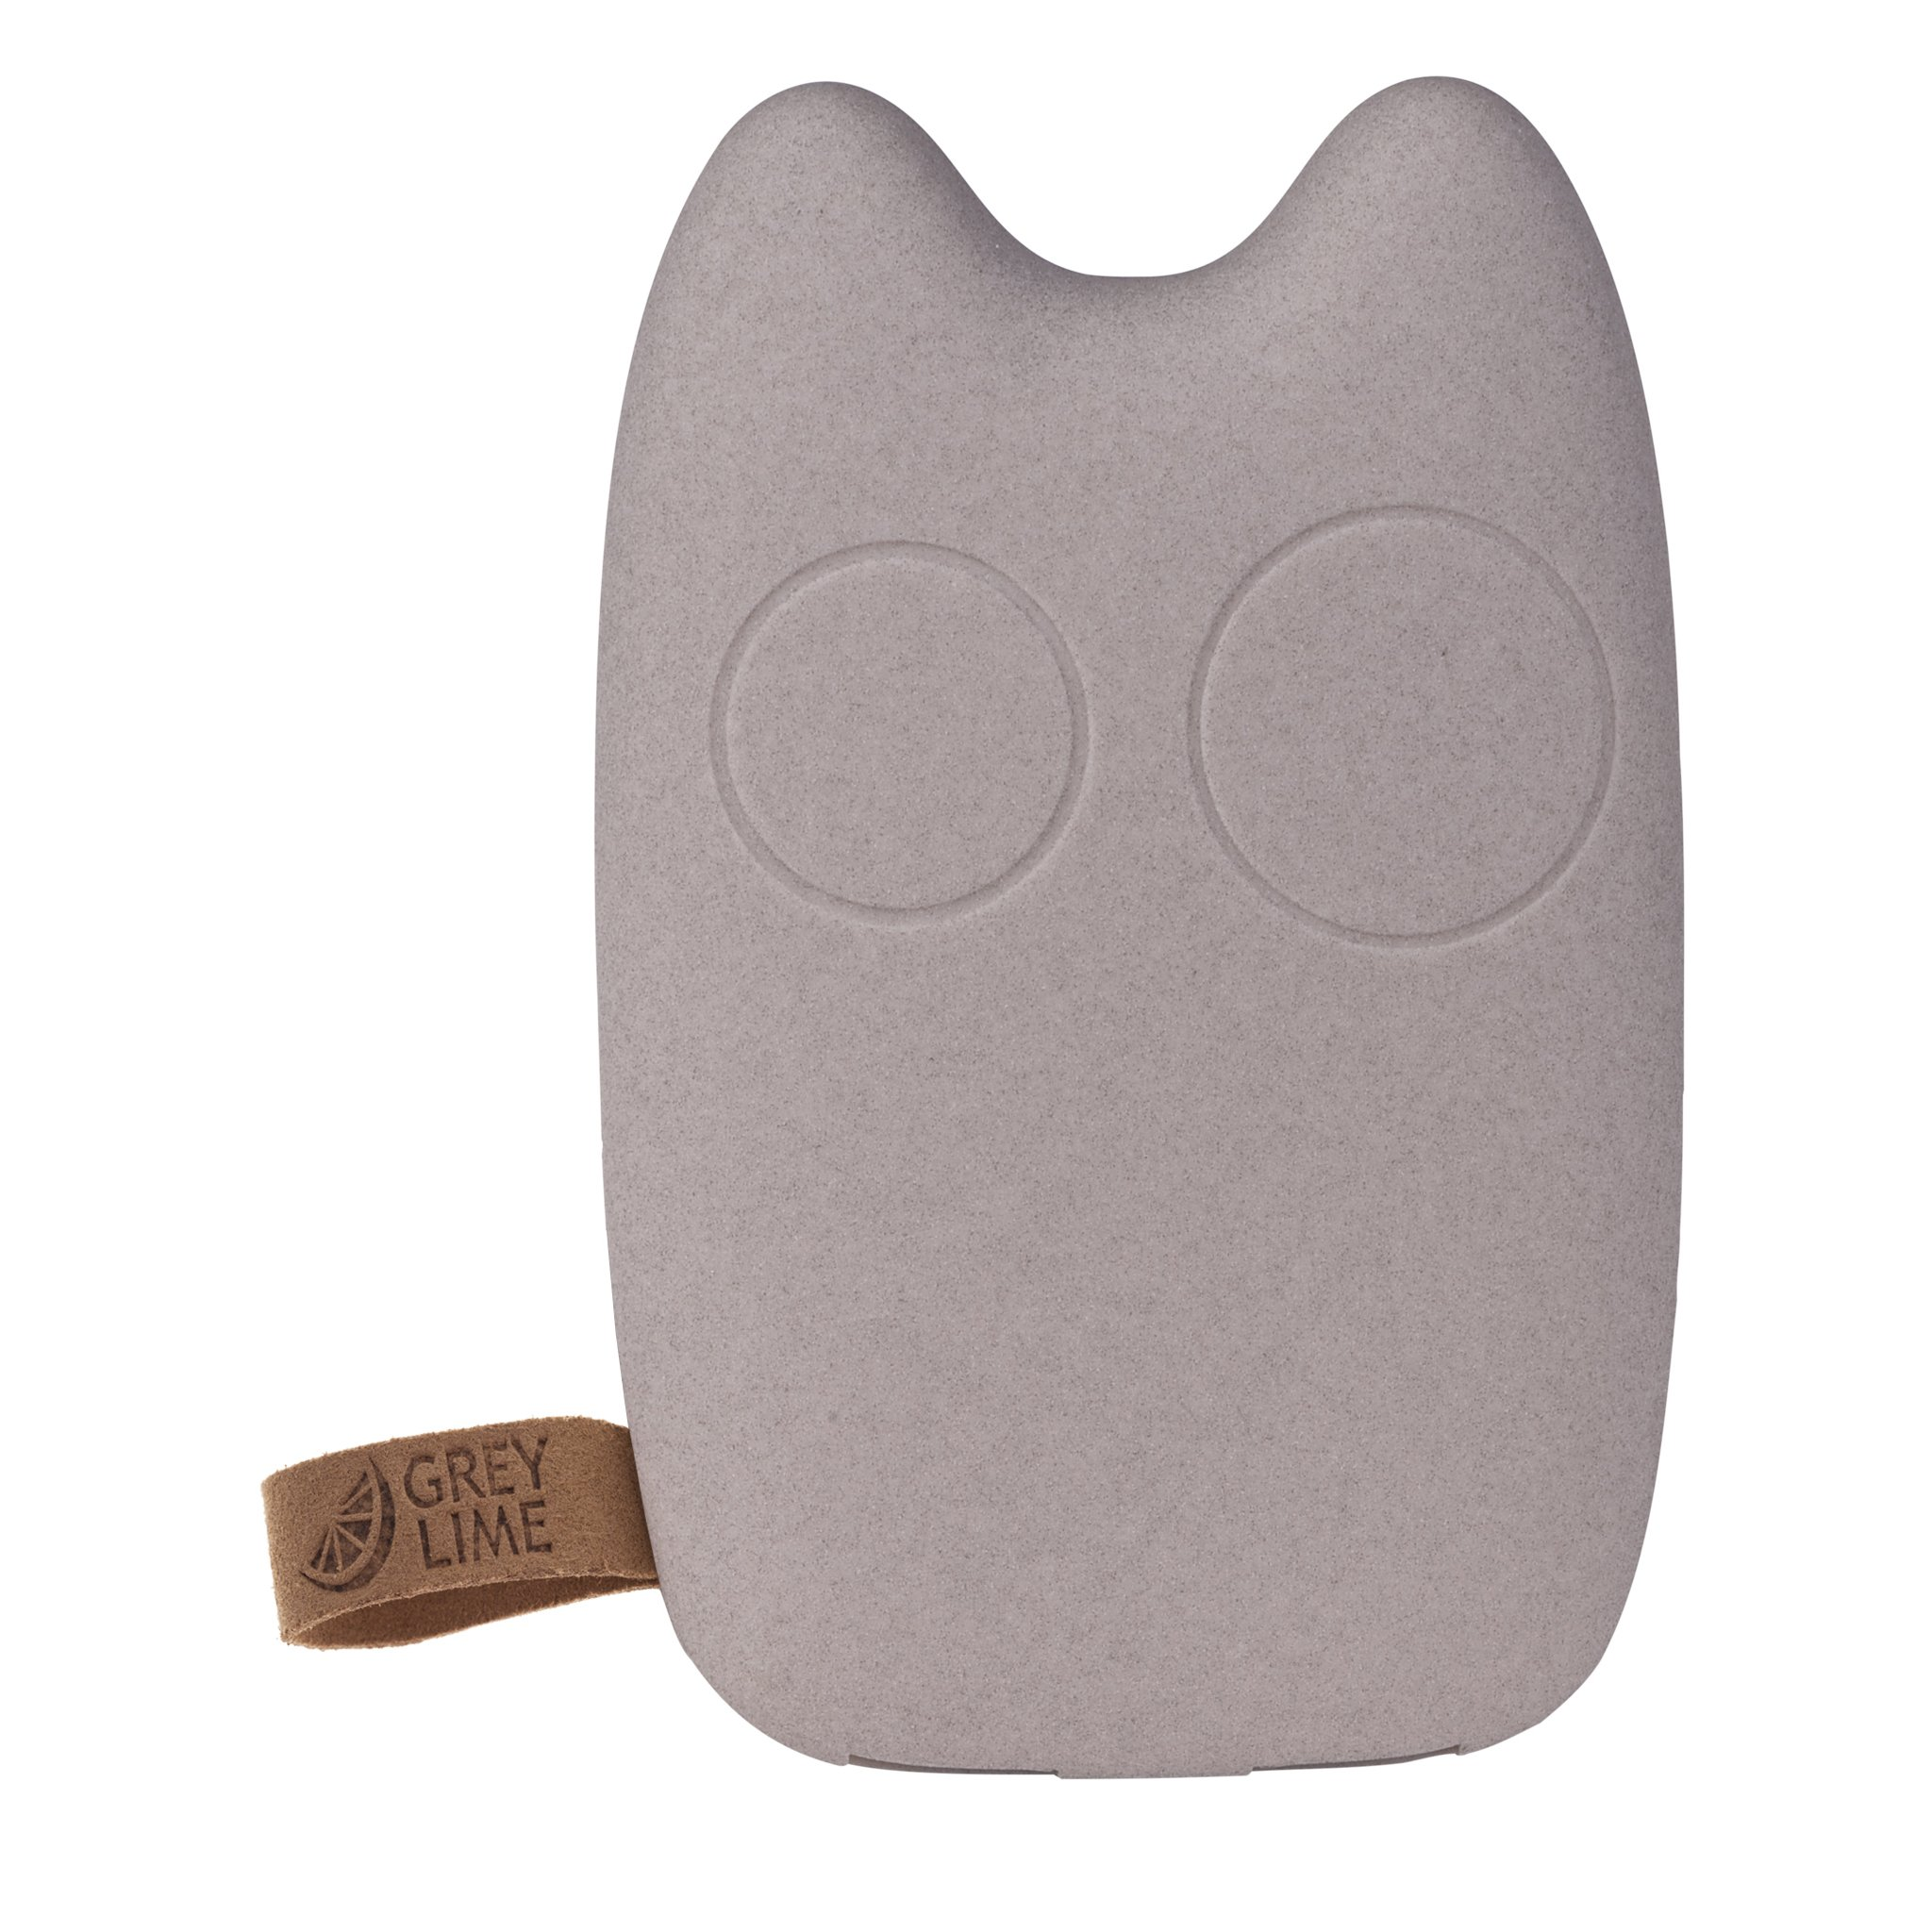 Billede af GreyLime Power Owl 7800 mAh - Sandfarvet